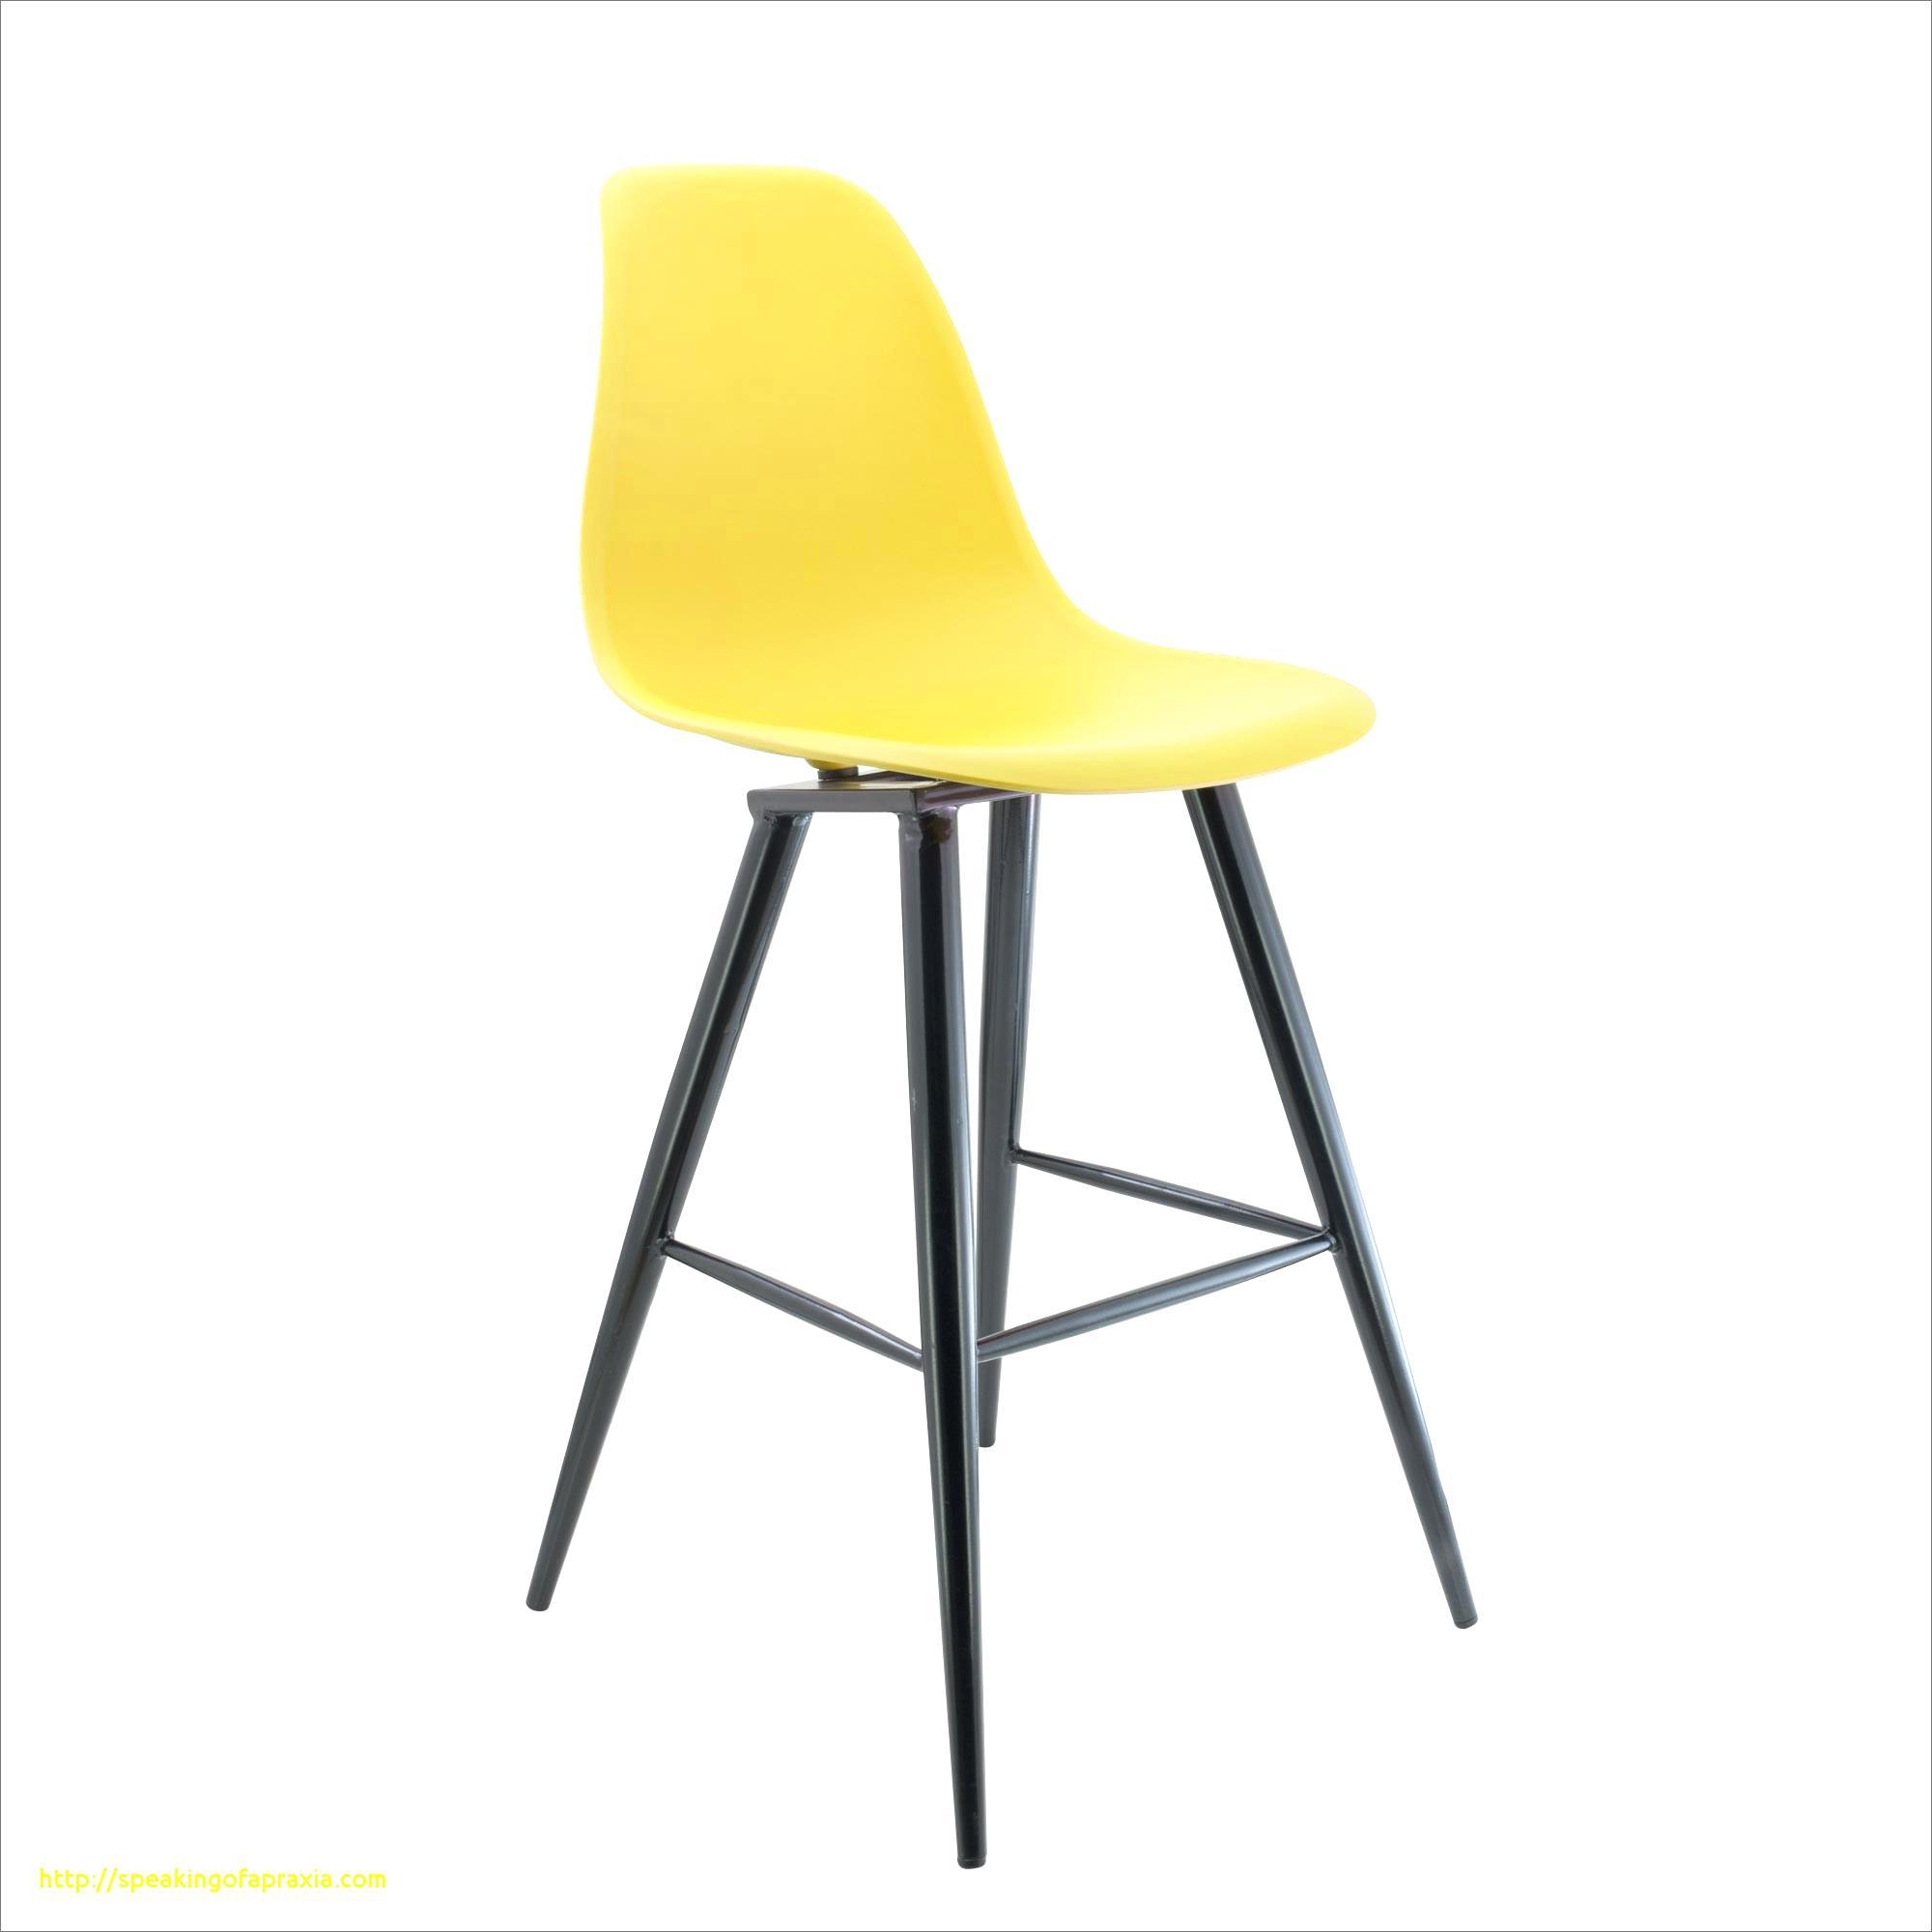 Pliable Pliable Monoprix Chaise Chaise Monoprix Chaise 7Yfyvgb6